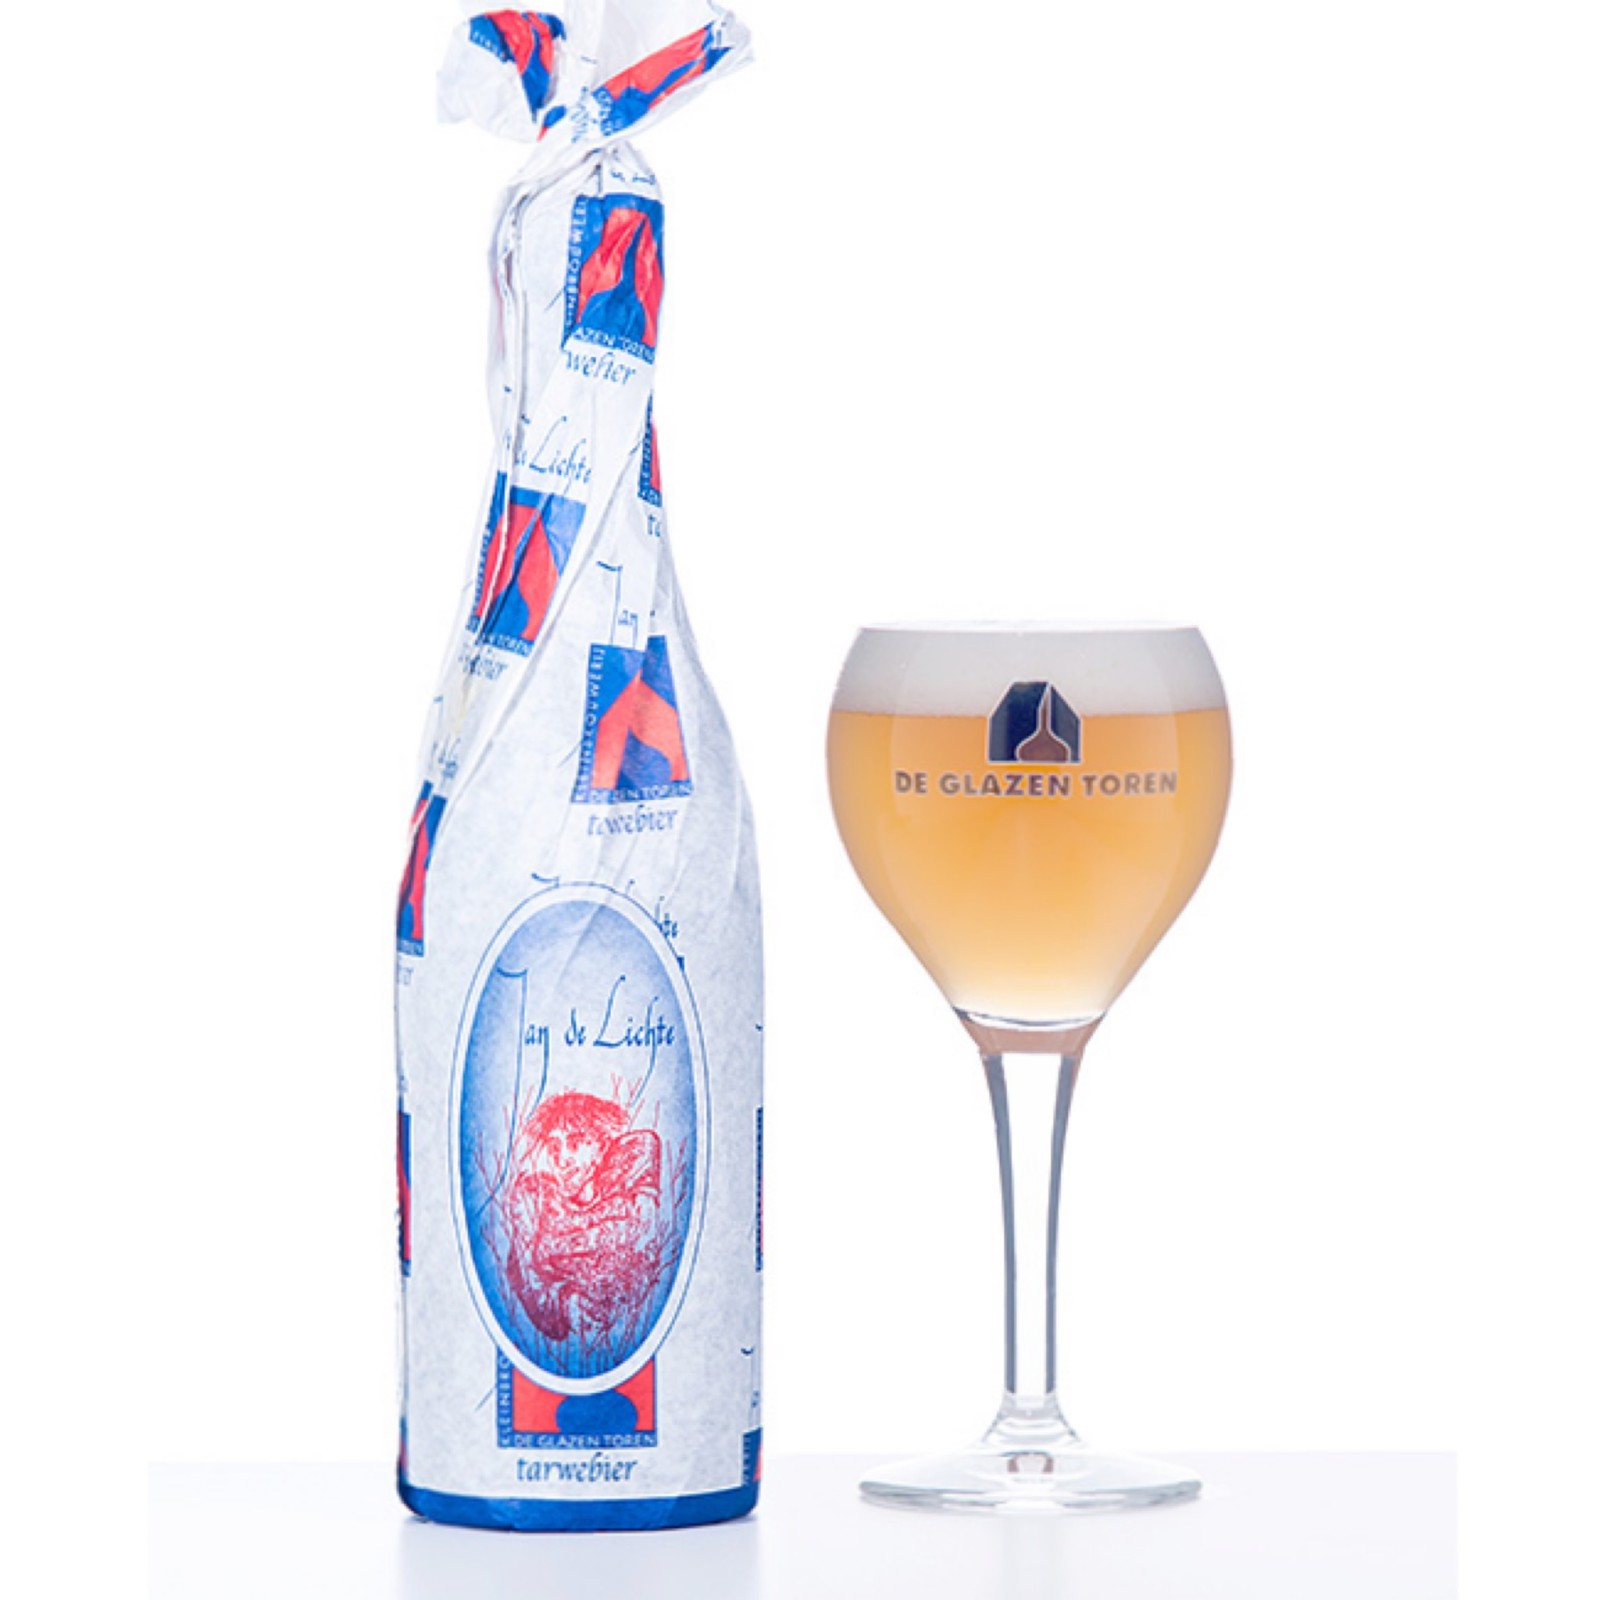 Jan De Lichte - Wheat Beer 7% 750ml De Glazen Toren